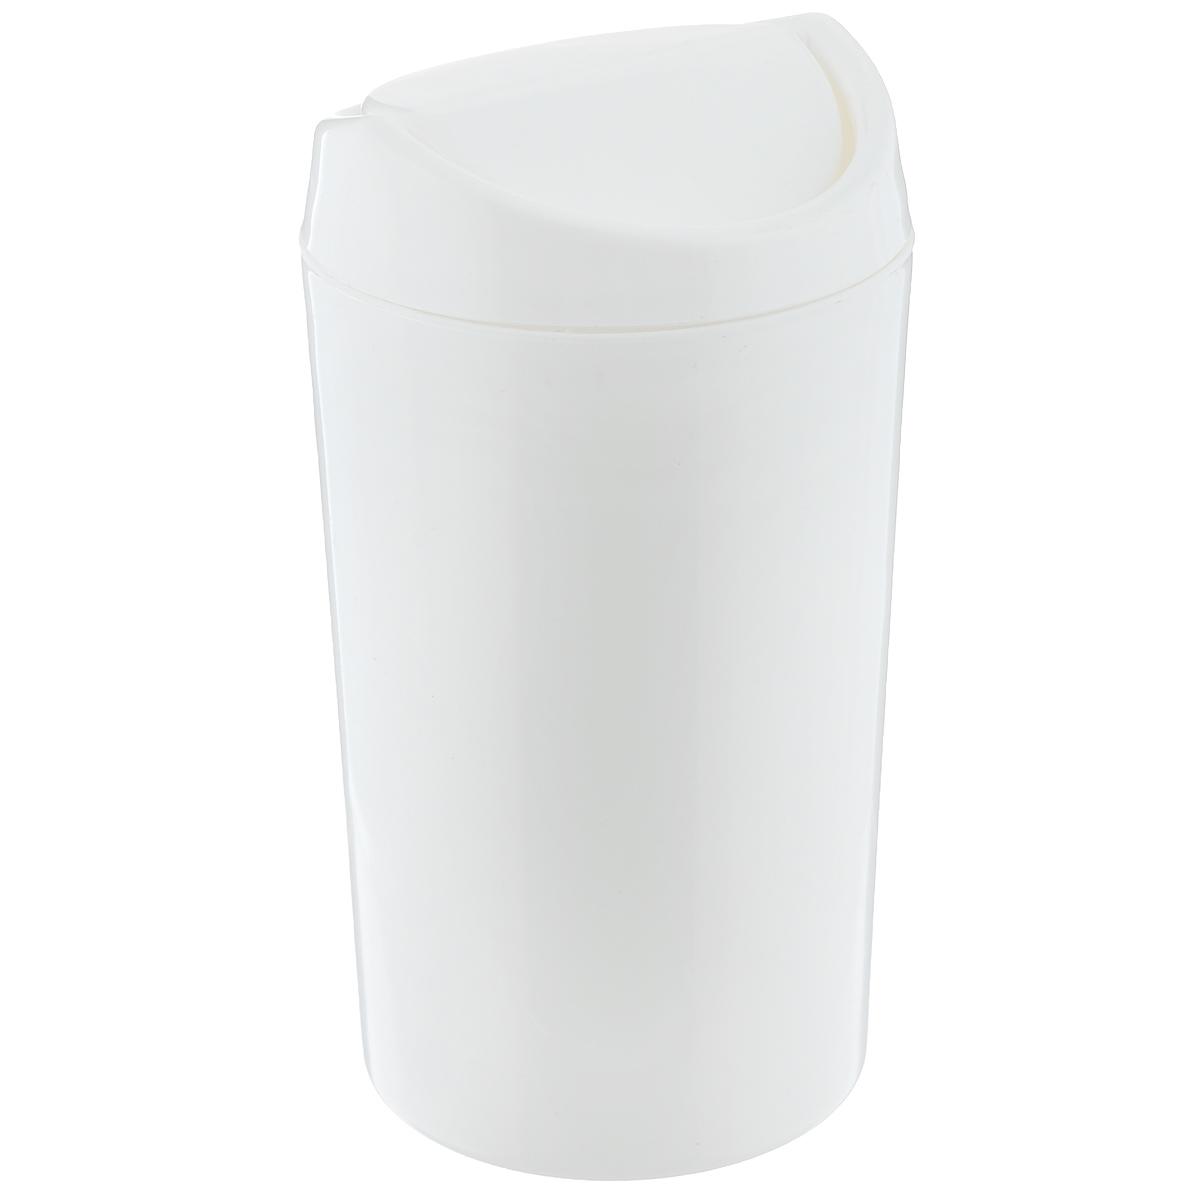 Контейнер для мусора Бытпласт, цвет: белый, 1,25 л68/5/1Однотонный контейнер для мусора Бытпласт изготовлен из прочного пластика. Такой аксессуар очень удобен в использовании как дома, так и в офисе. Контейнер снабжен удобной поворачивающейся крышкой. Стильный дизайн сделает его прекрасным украшением интерьера.